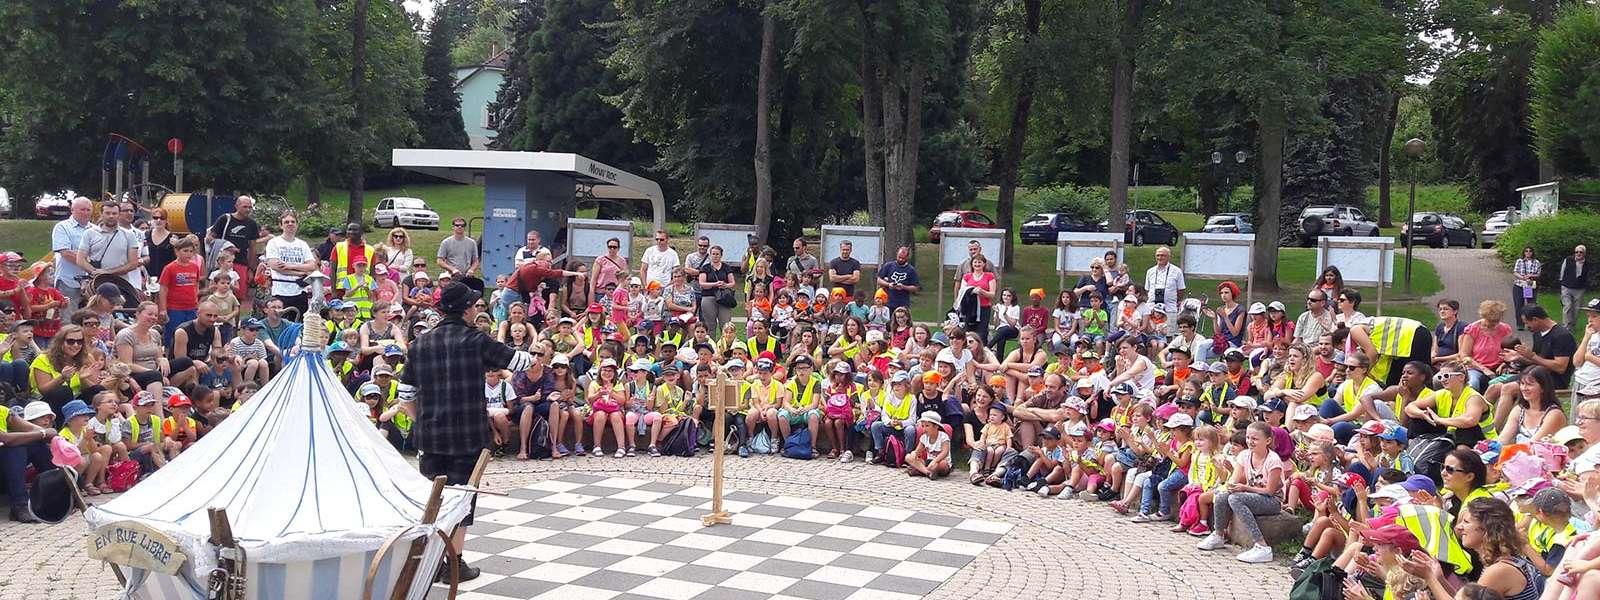 Une semaine de spectacles pour les enfants, Niederbronn-les-Bains, Alsace